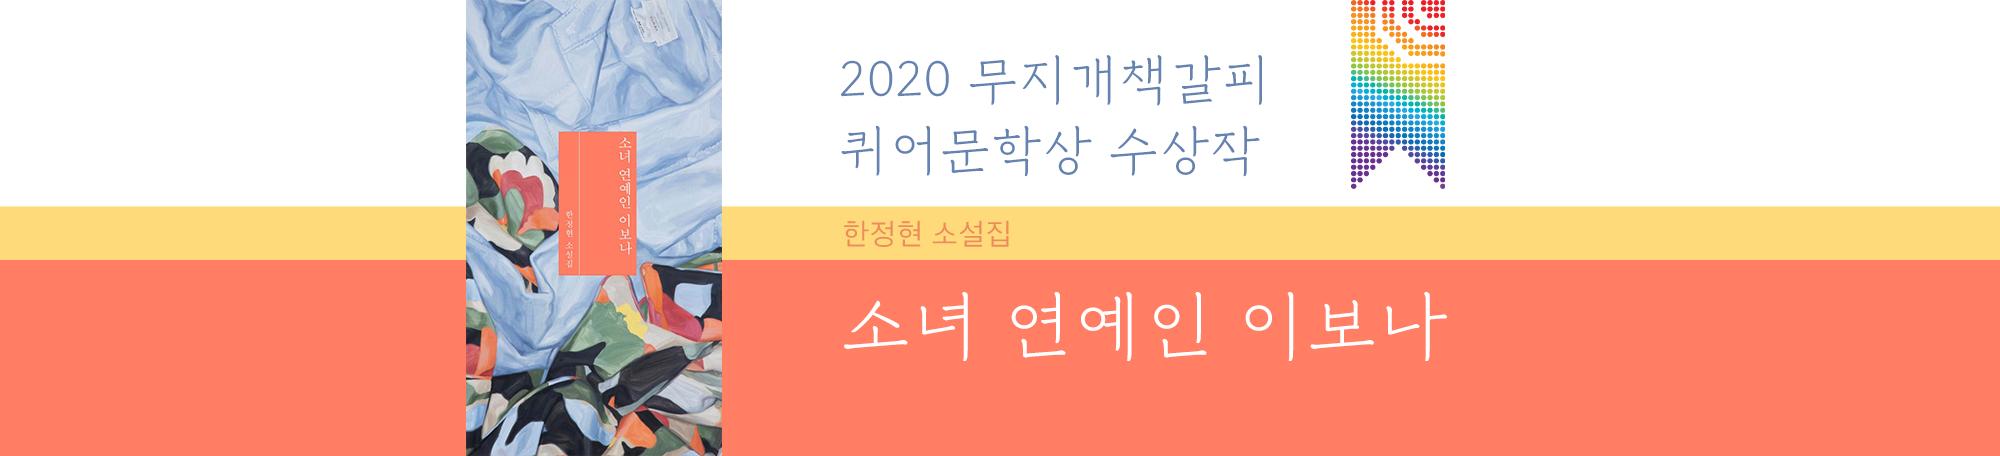 제3회 퀴어문학상 수상작